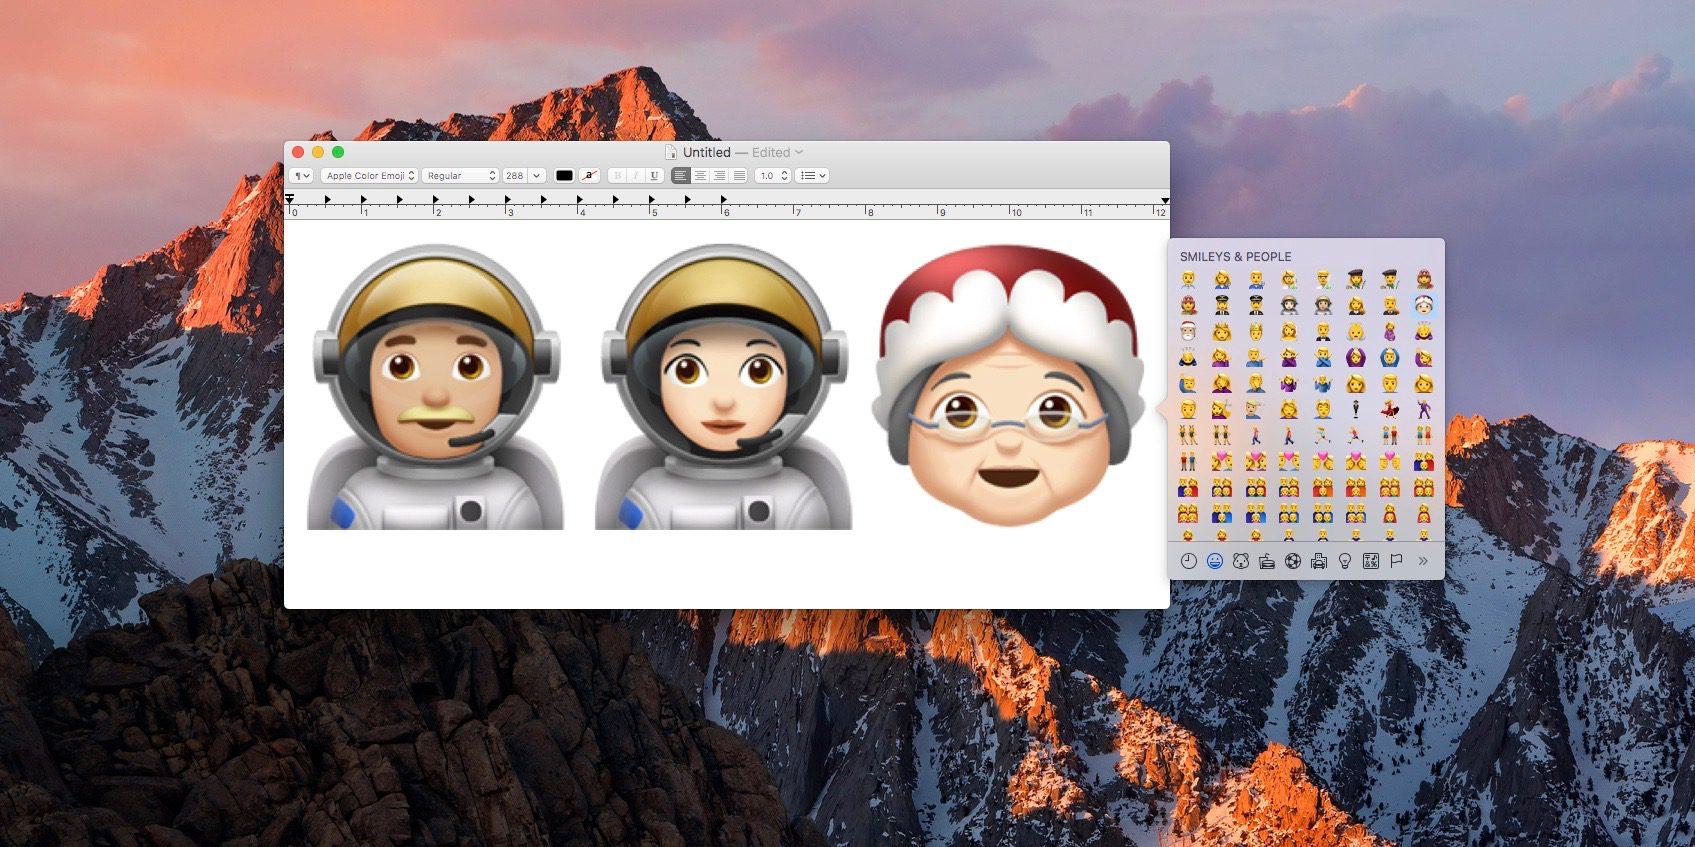 Novos emojis no macOS 10.12.2 beta 2